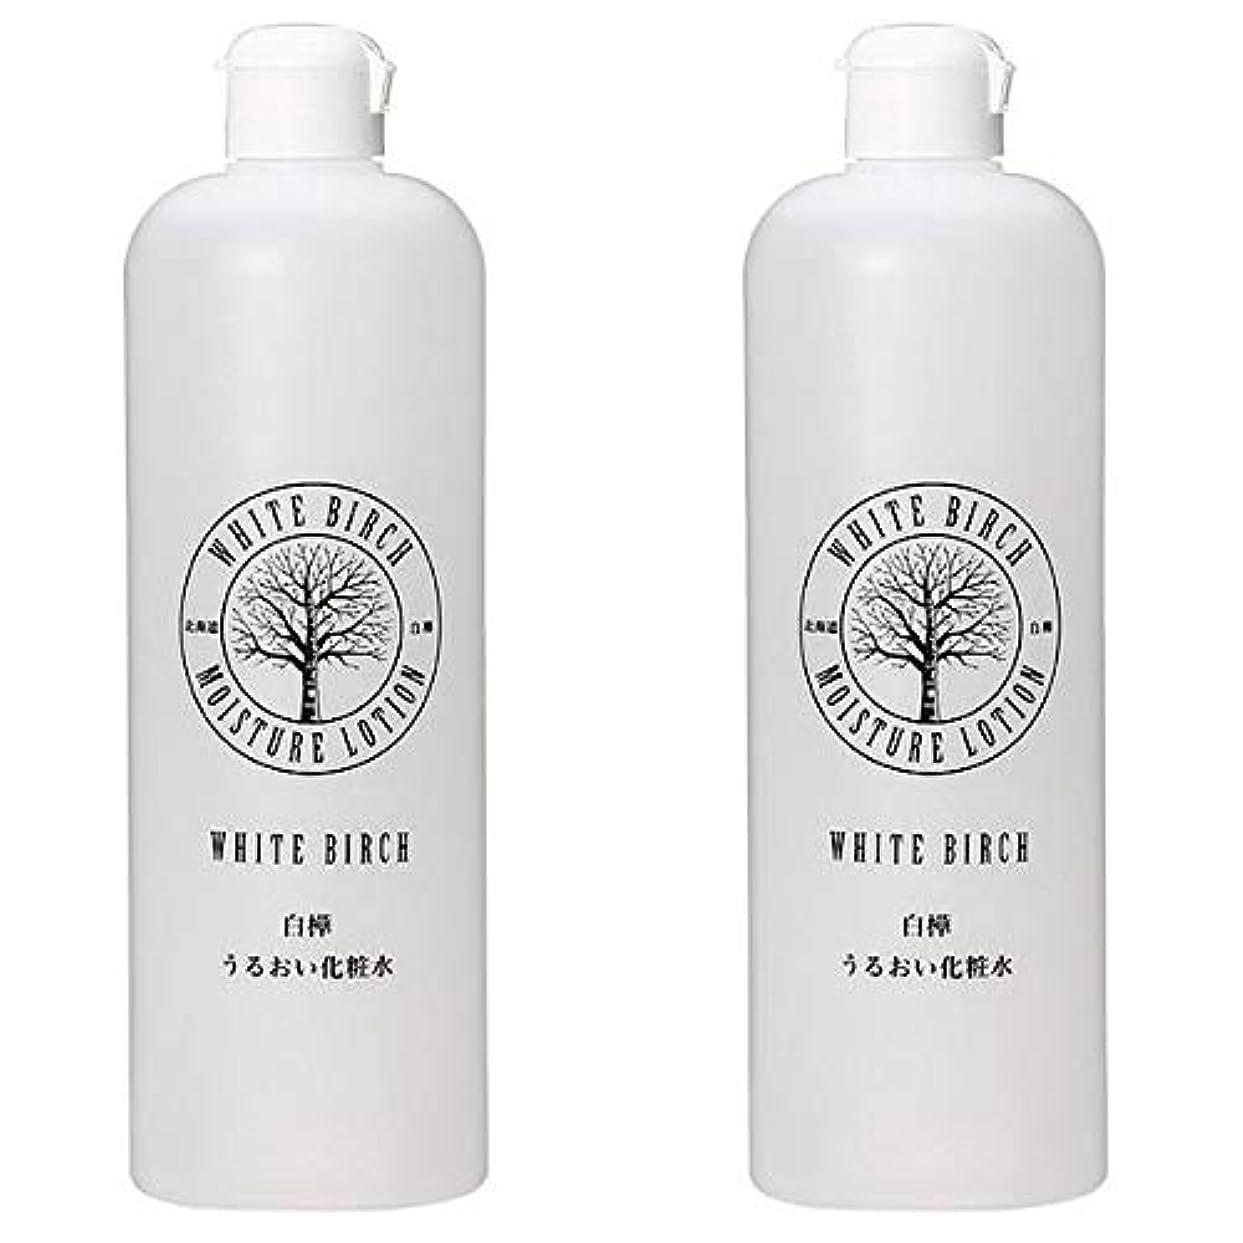 風邪をひくアルカトラズ島やる北海道アンソロポロジー 白樺うるおい化粧水 500mL 【2個セット】